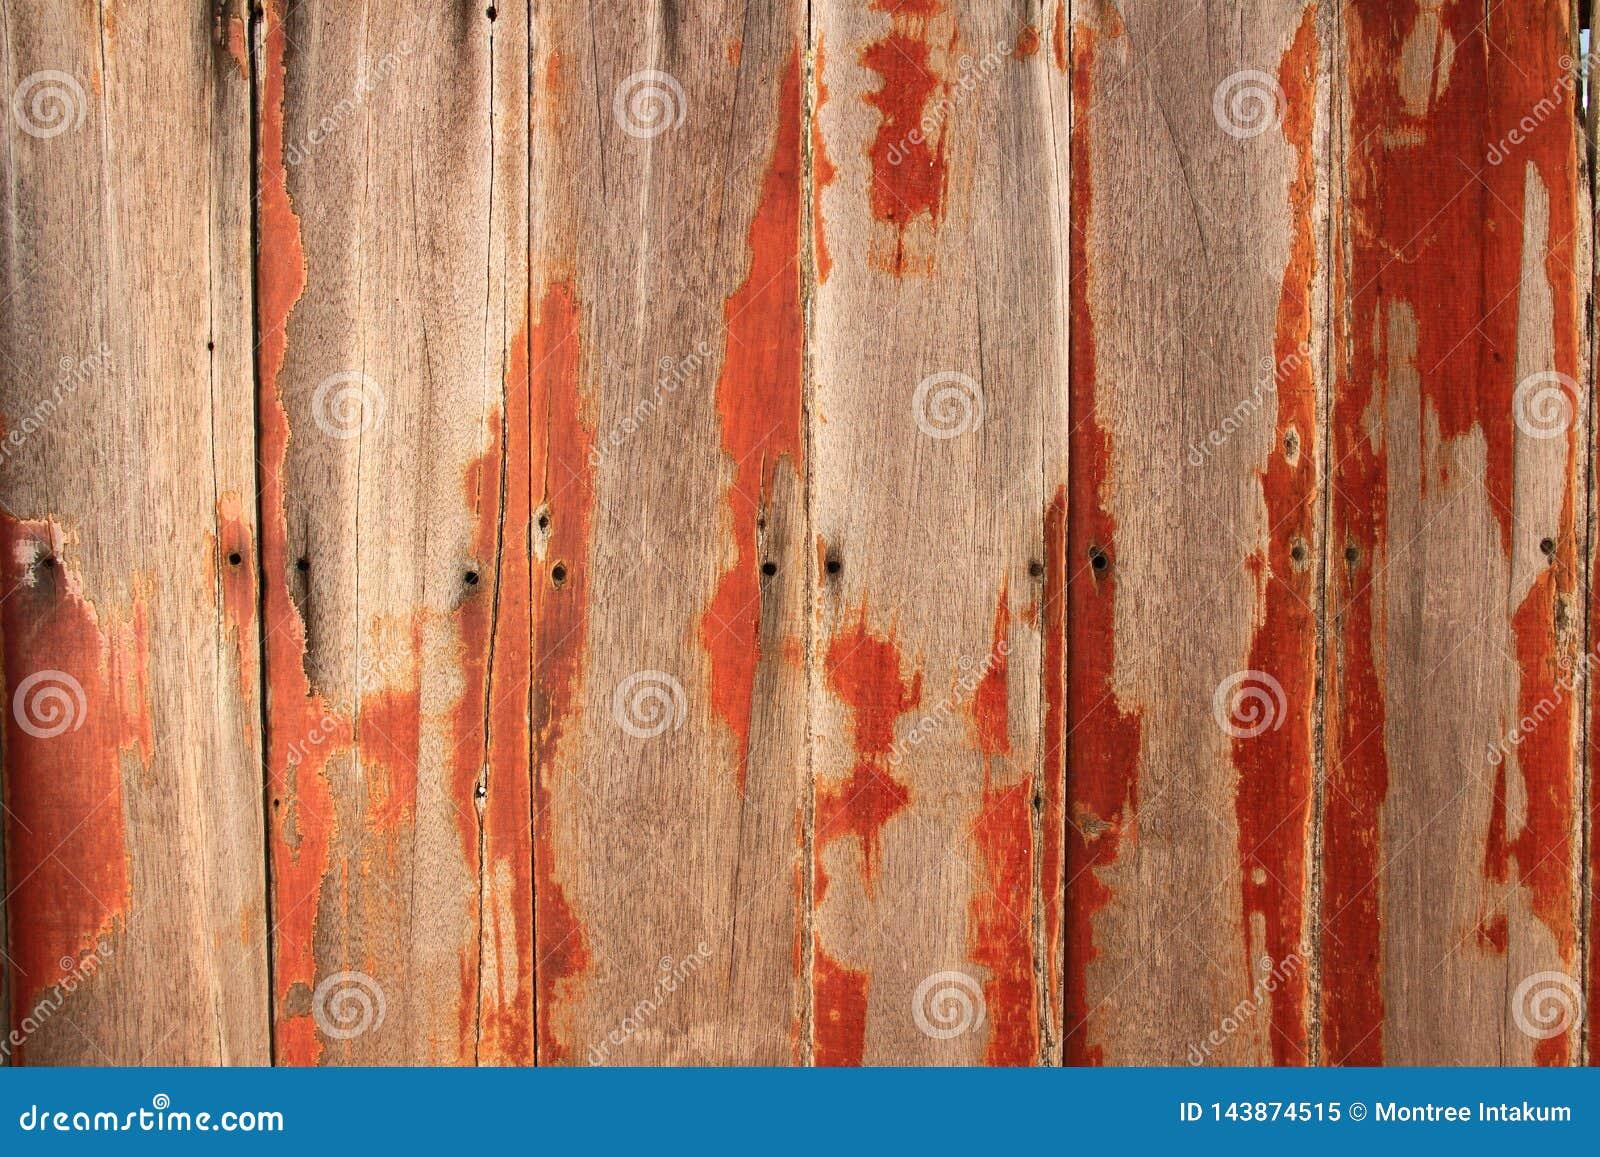 Textura de madera Viejo fondo de madera de la pared del tablón con el agujero de clavos